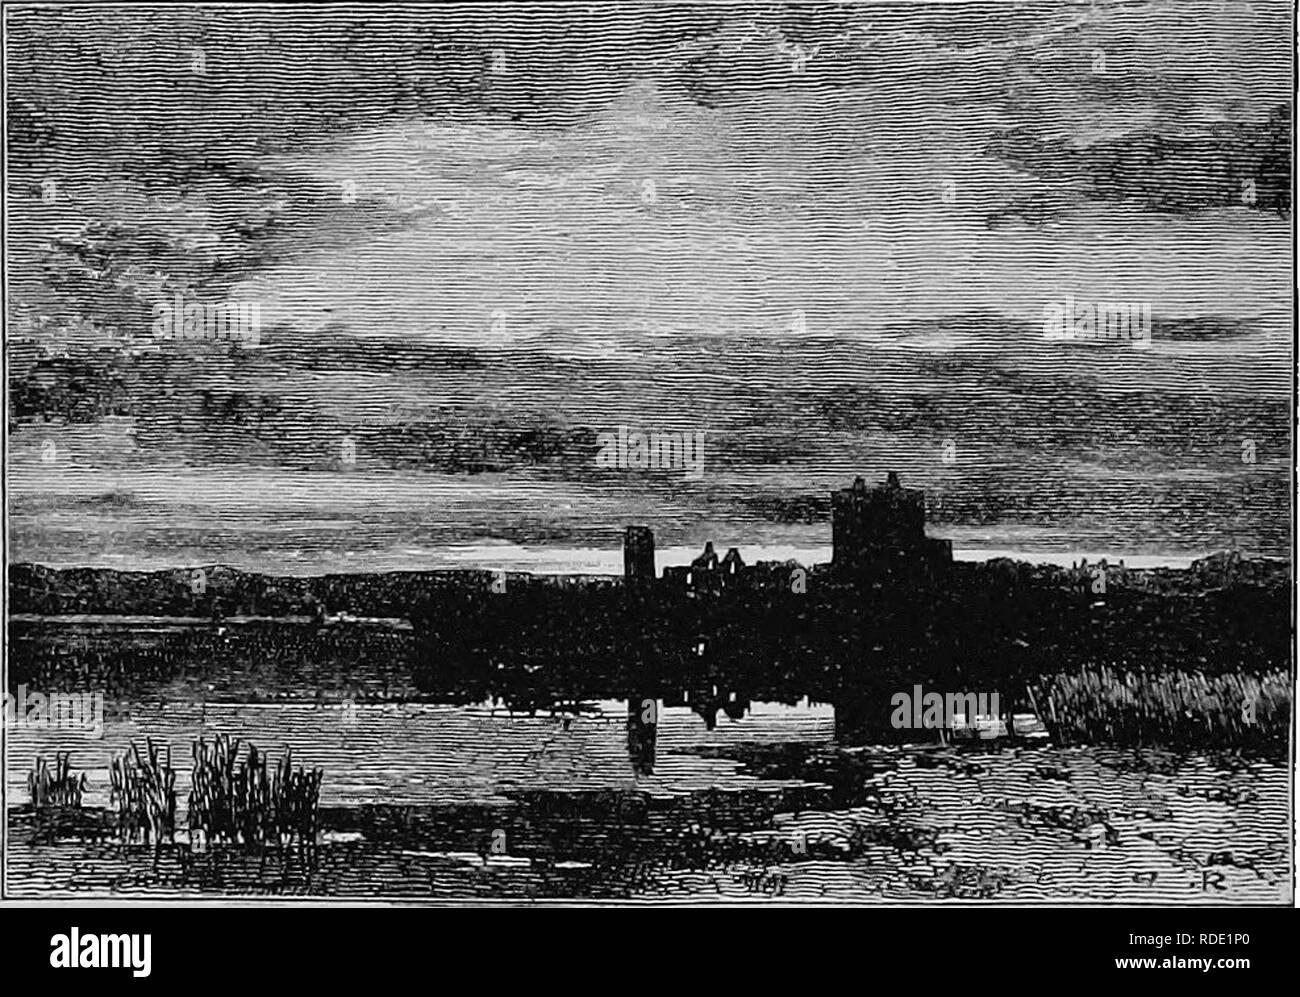 """. Vie d'un naturaliste écossais: Thomas Edward, associé de la Société linnéenne. 310 Le Loch d'Spyrvie. [Chap. xvii.-mer plage était ni plus ni moins qu'un véritable kitch- en-midden."""" Le Rey. Le Dr Gordon, d'Bimie, près d'Elgin, avait déjà trouvé la même accumulation de coquillages sur l'ancienne marge du Loch de Spynie, autrefois un bras de mer. Le tertre est situé dans un petit bois sur la ferme, d'Brigzes.. SPTUIE OASTLE ET LOOH, elle avait été très affaiblie par son contenu ayant été carted off du centre du tas, comme le fumier ou haut- dressing pour les champs voisins. L Banque D'Images"""